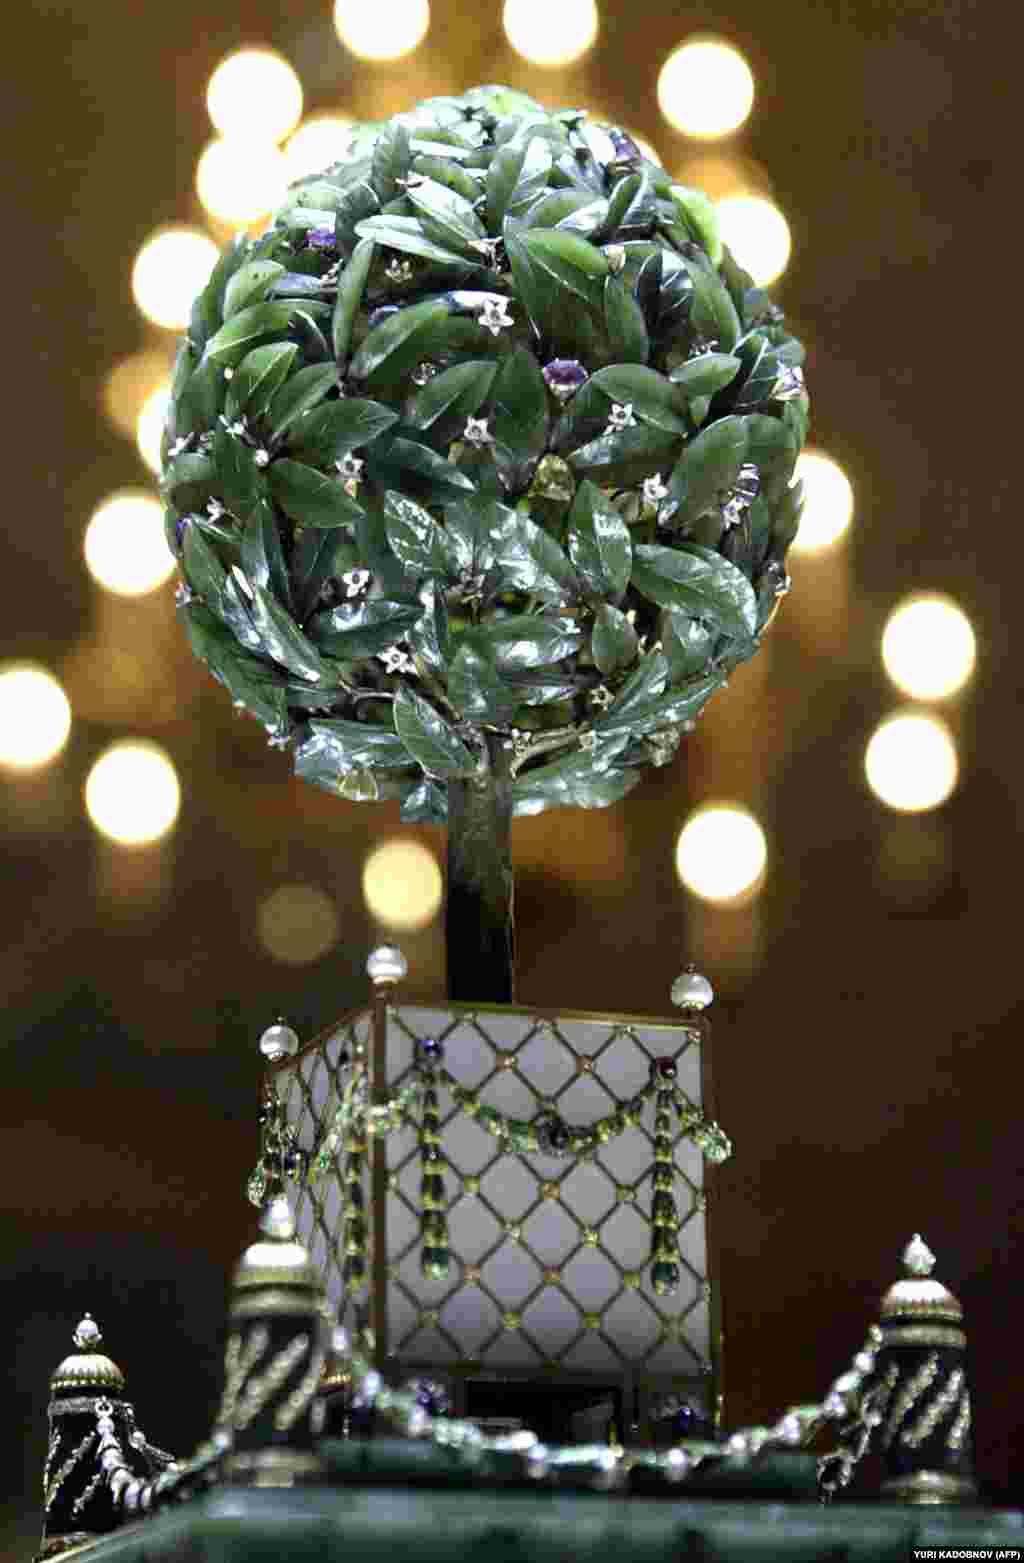 """კვერცხი სახელად """"დაფნის ხე"""" კარლ ფაბერჟემ 1911 წელს დაამზადა. ნაყოფის ფუნქციას ამ ხეზე ბრილიანტები ასრულებენ. ერთ-ერთი მათგანის მეშვეობით მოქმედებას იწყებს მექანიზმი, რომელიც """"აცოცხლებს"""" კვერცხის გულში მოთავსებულ სიურპრიზს - პაწაწინა ჩიტს: ჩიტი ხის კენწეროდან """"ცაში"""" აფრინდება, ფრთებს იქნევს და ჭიჭკჭიკს იწყებს."""